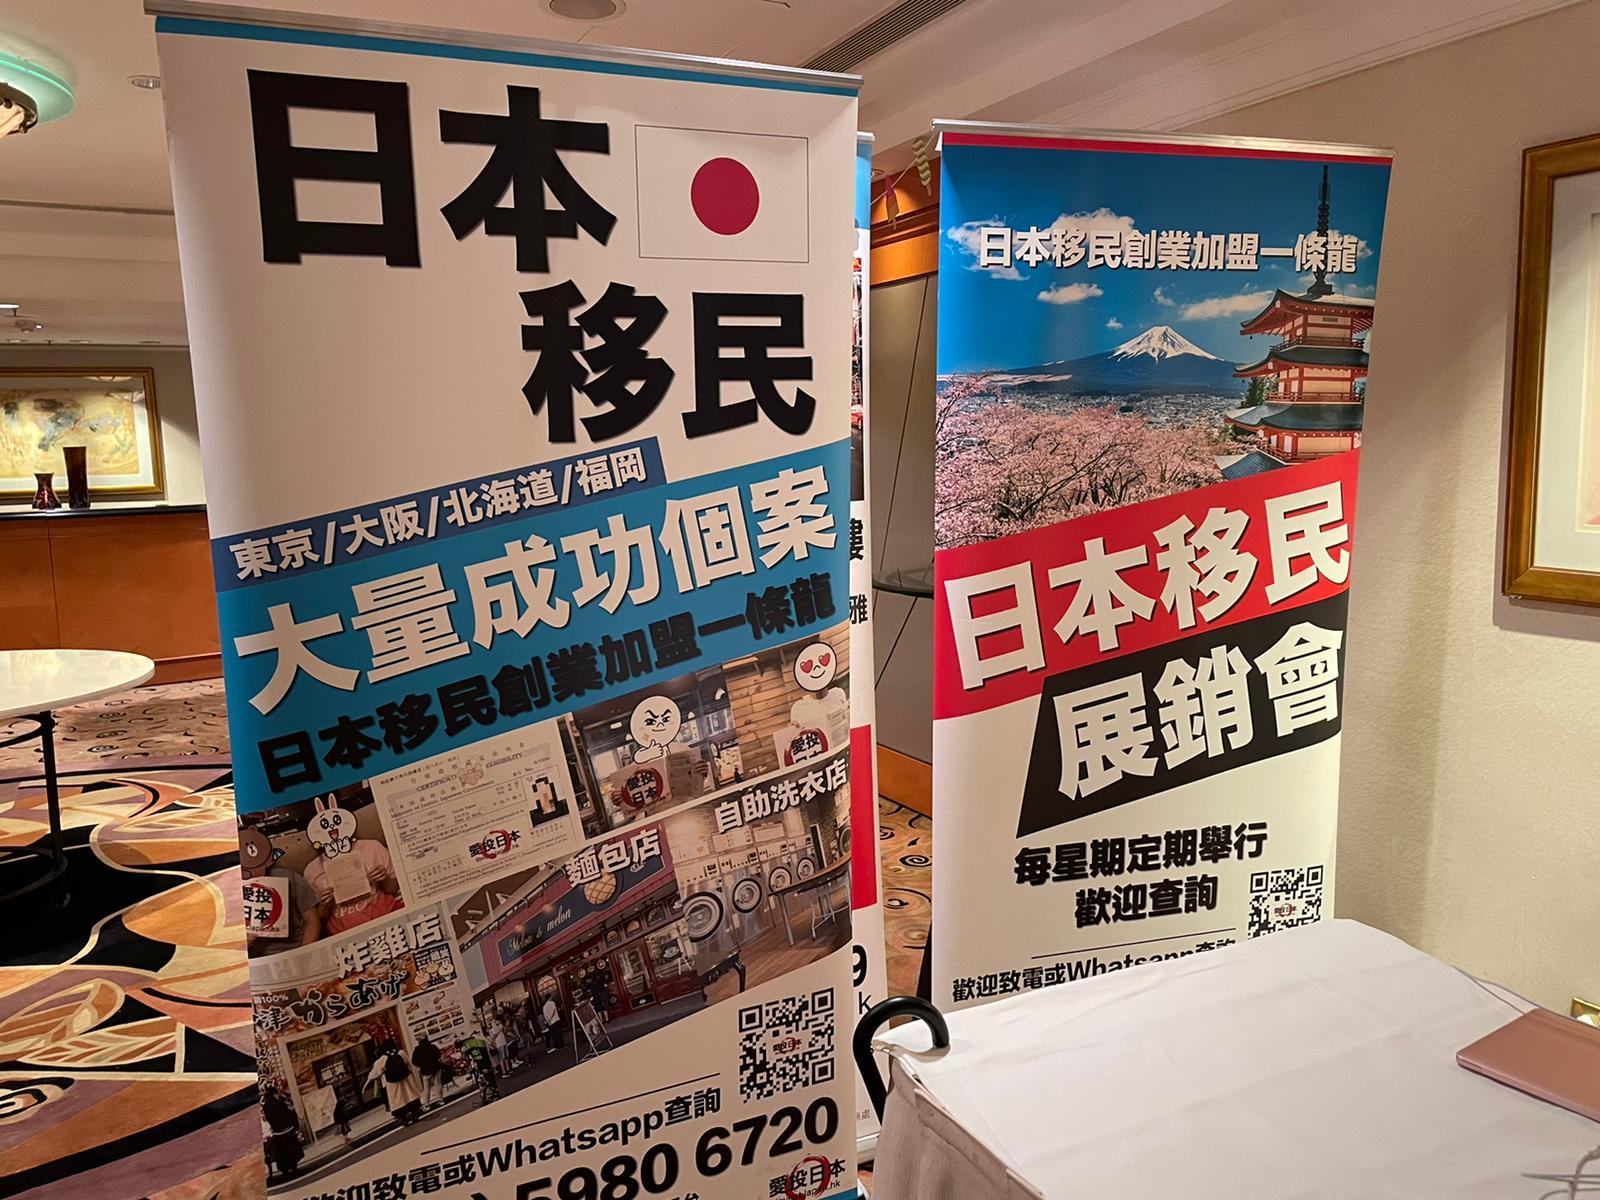 日本 做生意 開舖 創業 加盟 移居 移民 投資 經營管理簽證 永住權 講座 展銷會 開公司 株式会社 BUD 專項基金 政府資助